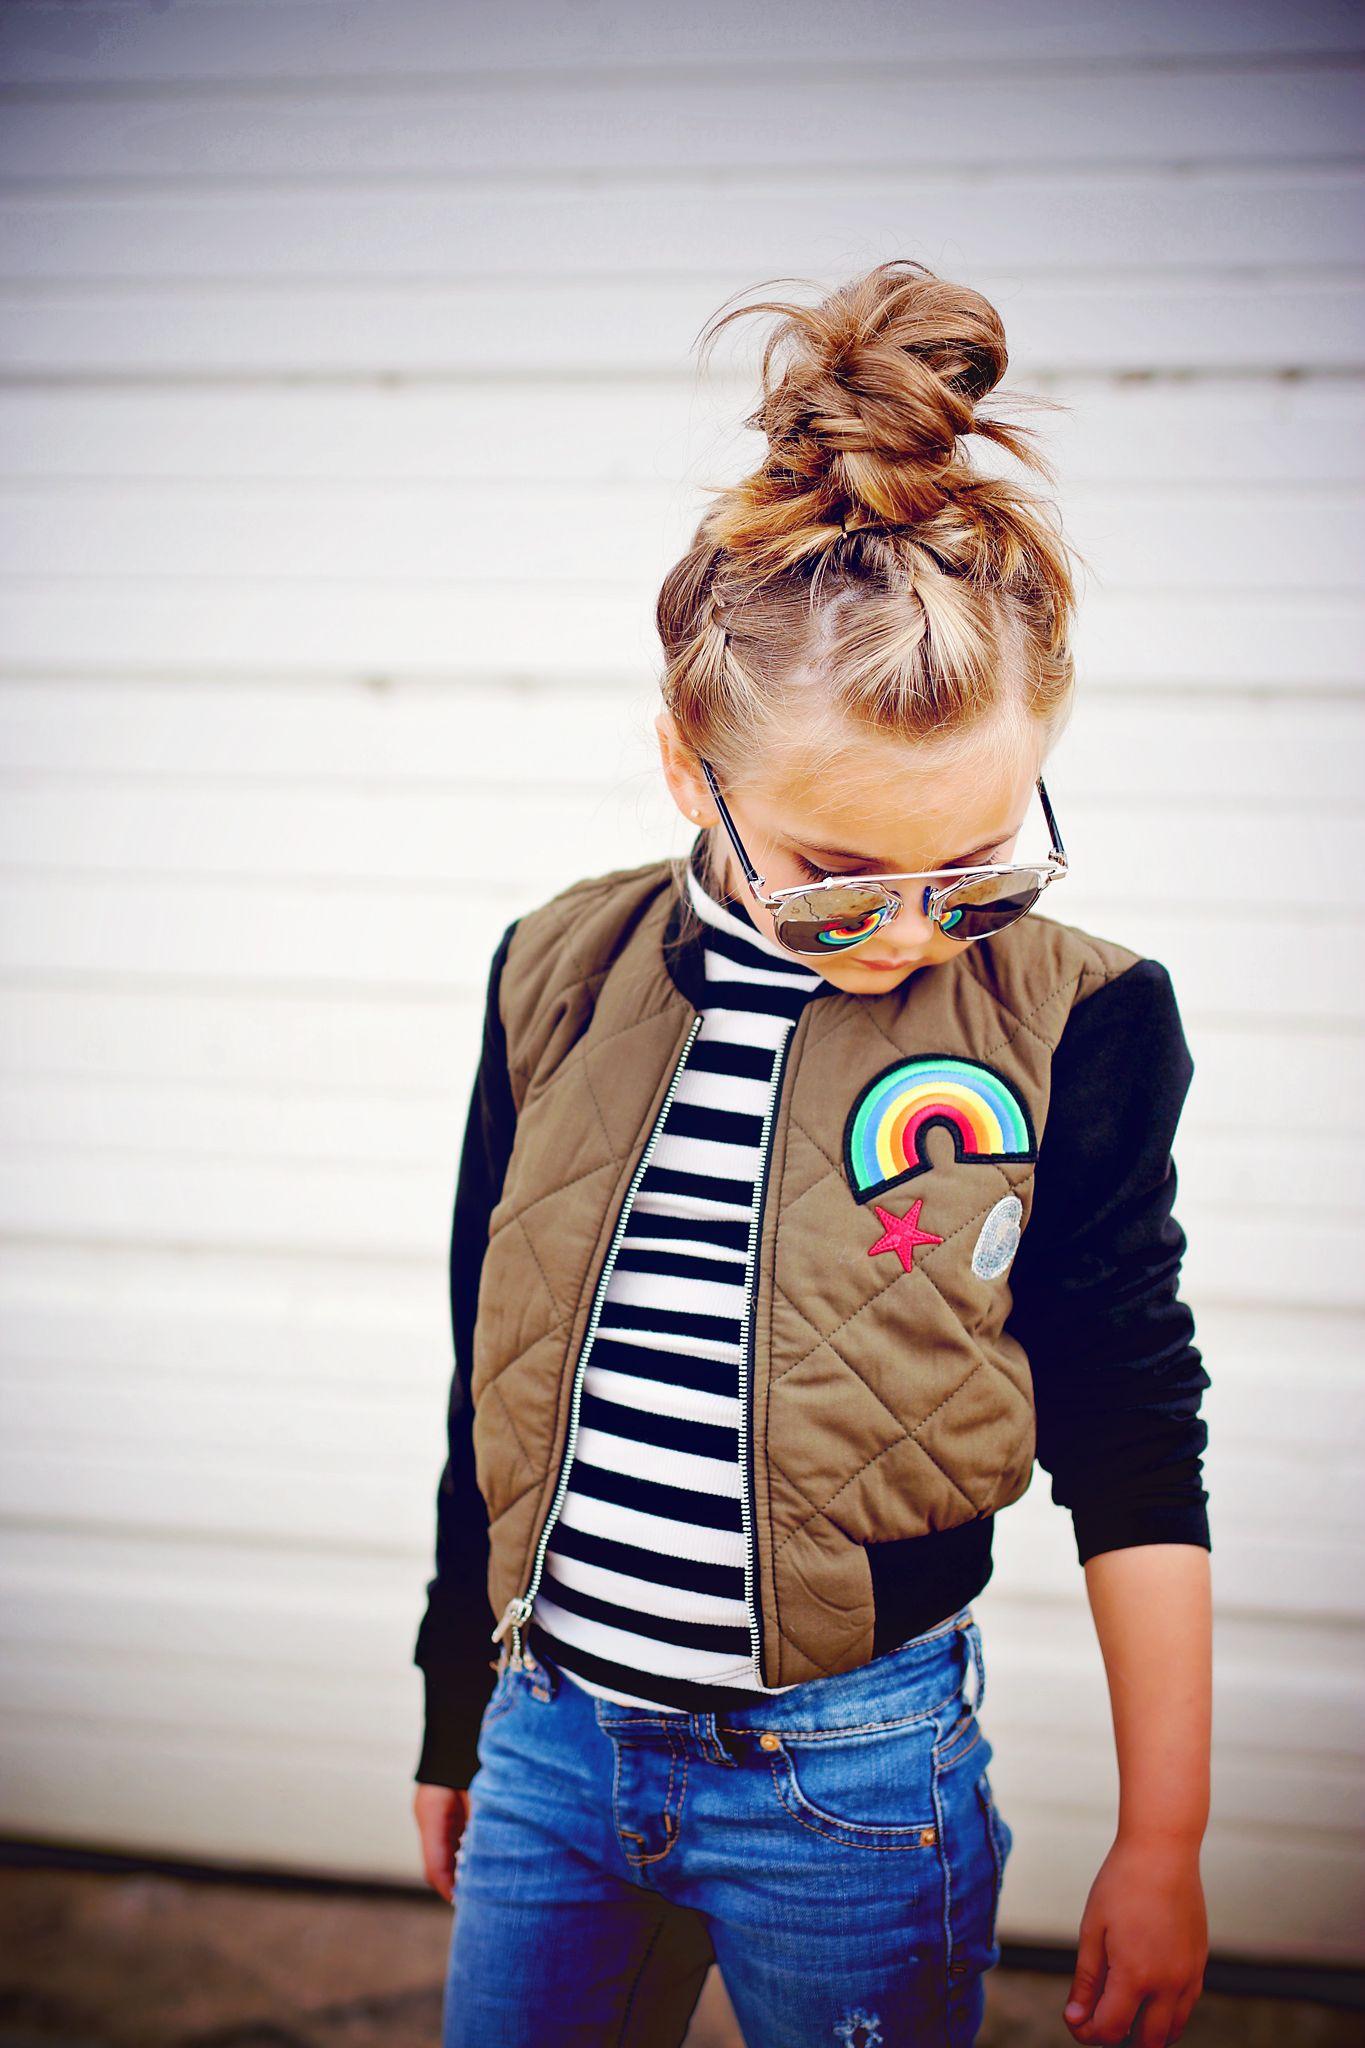 Kids Clothing Bomber Jacket Fall Style Chasinivy Girl